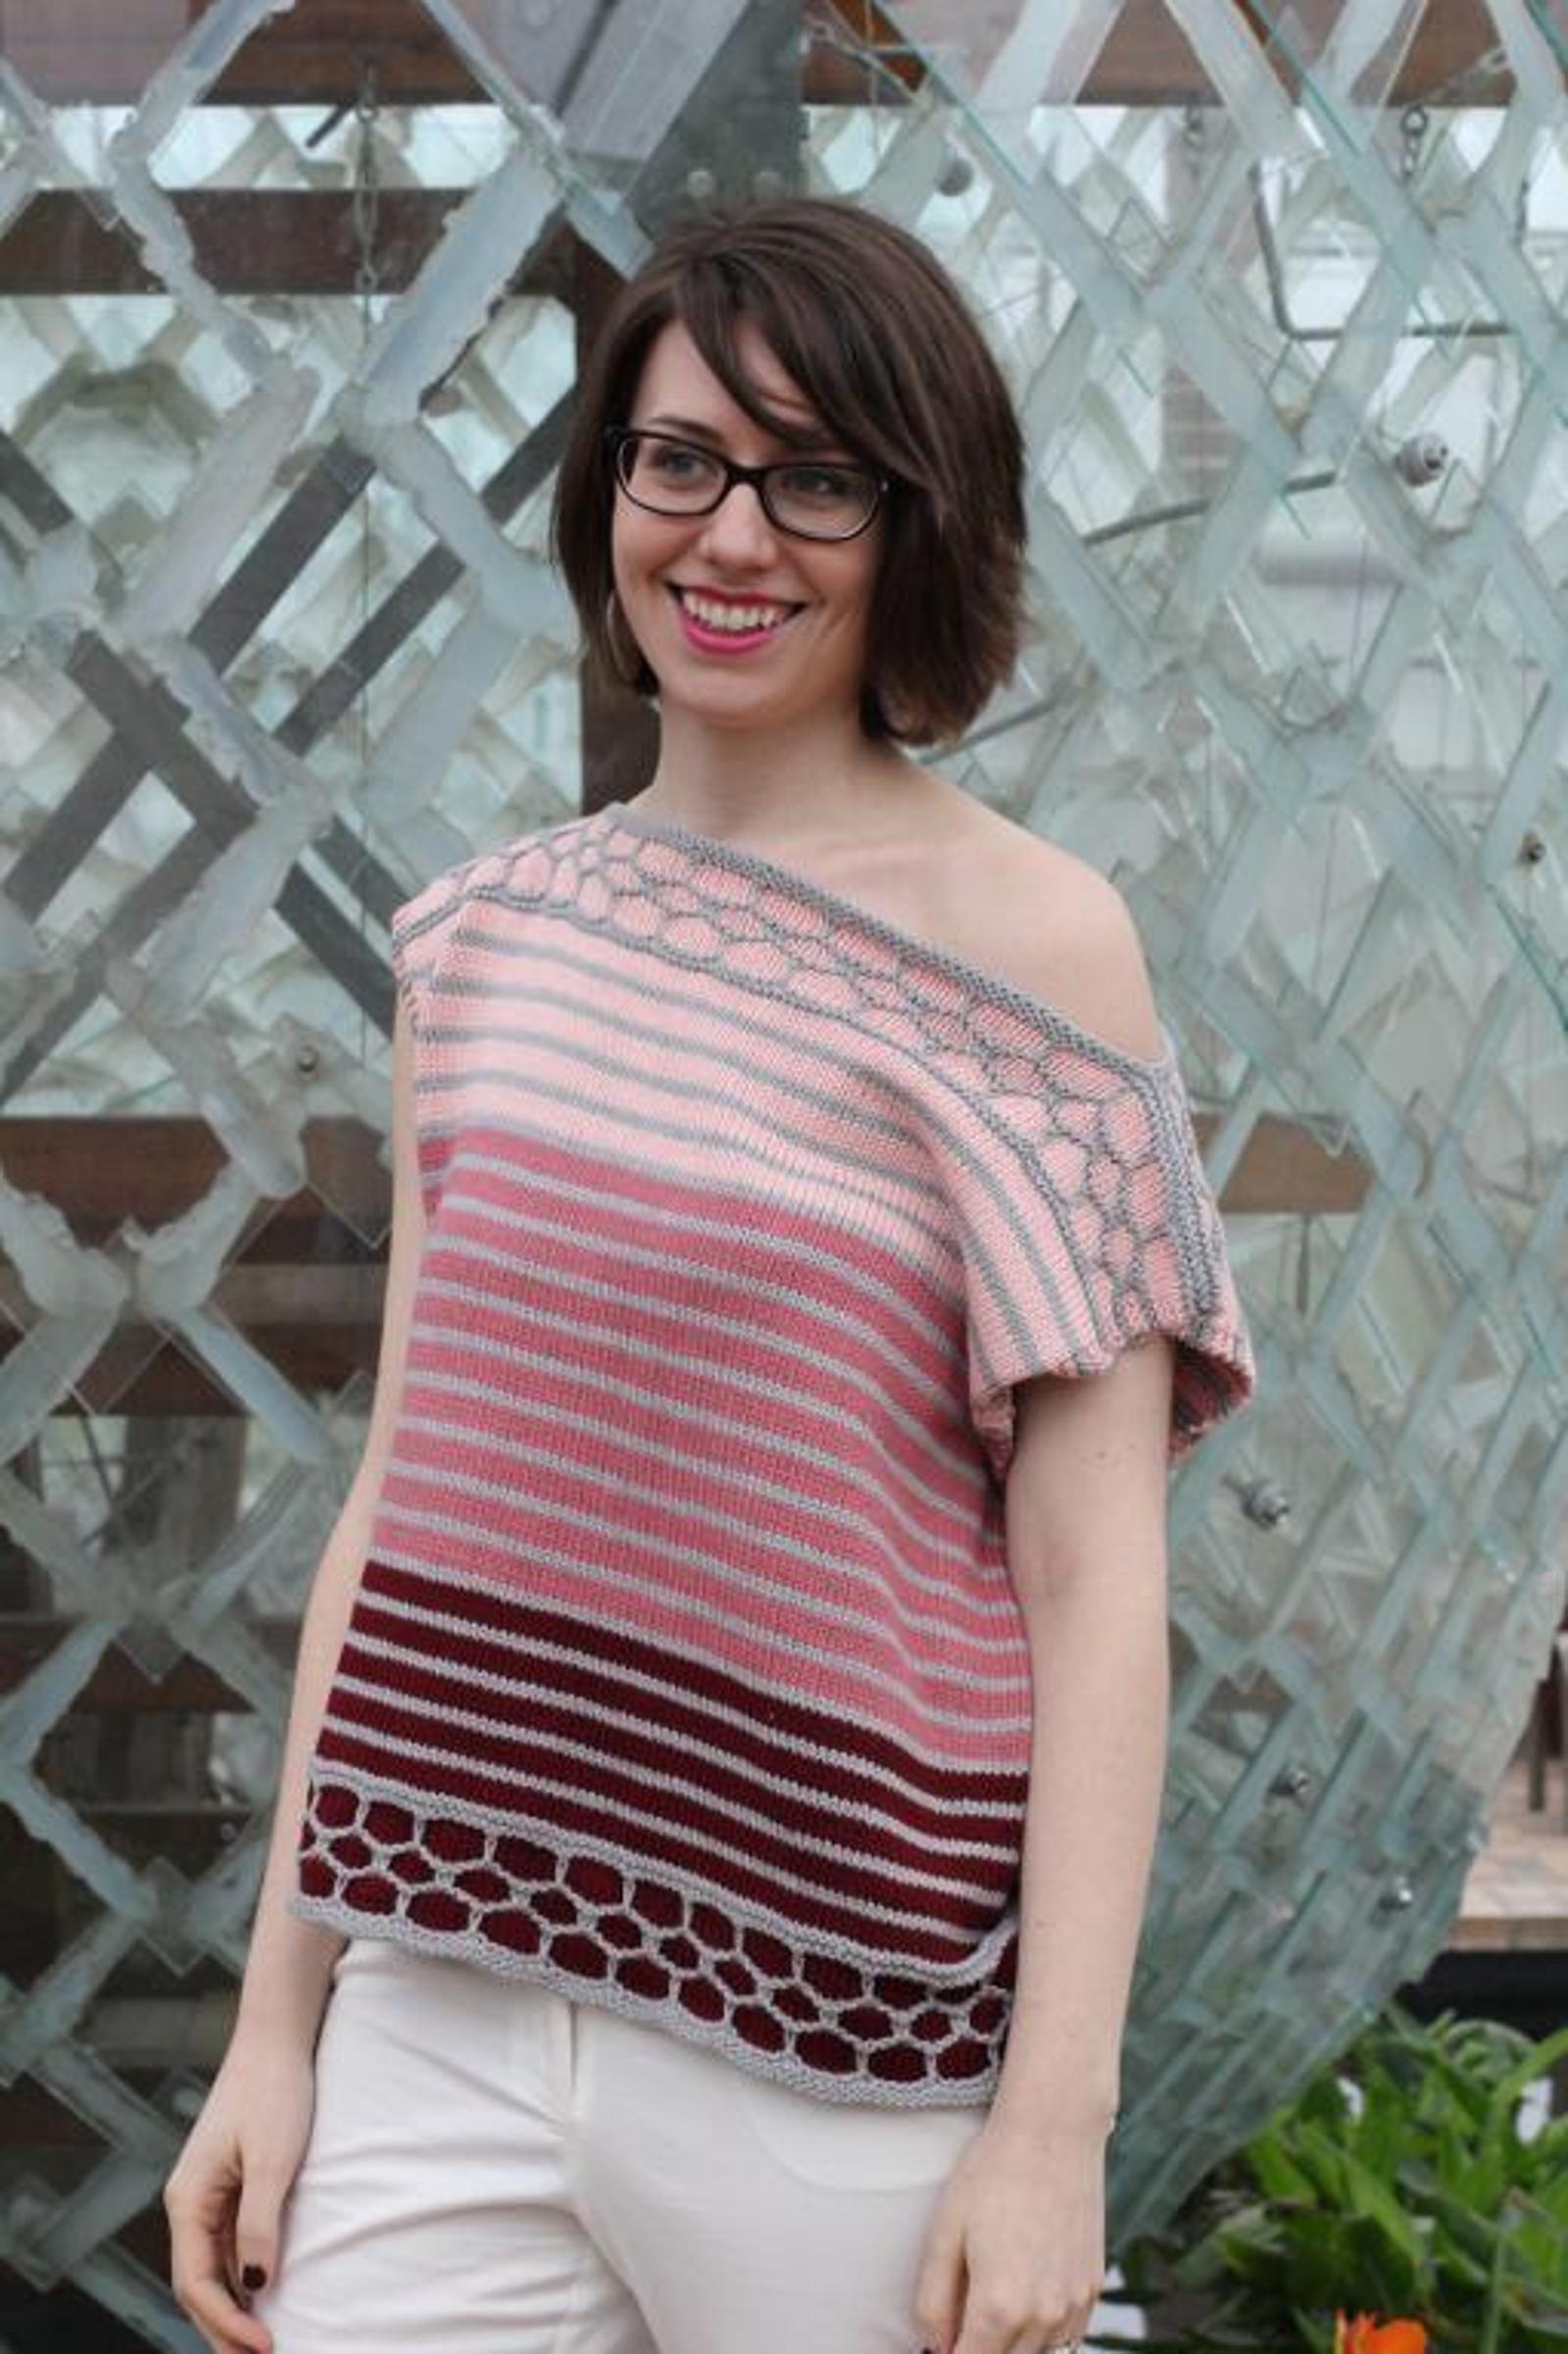 Umbre Lovre Knitting Pattern